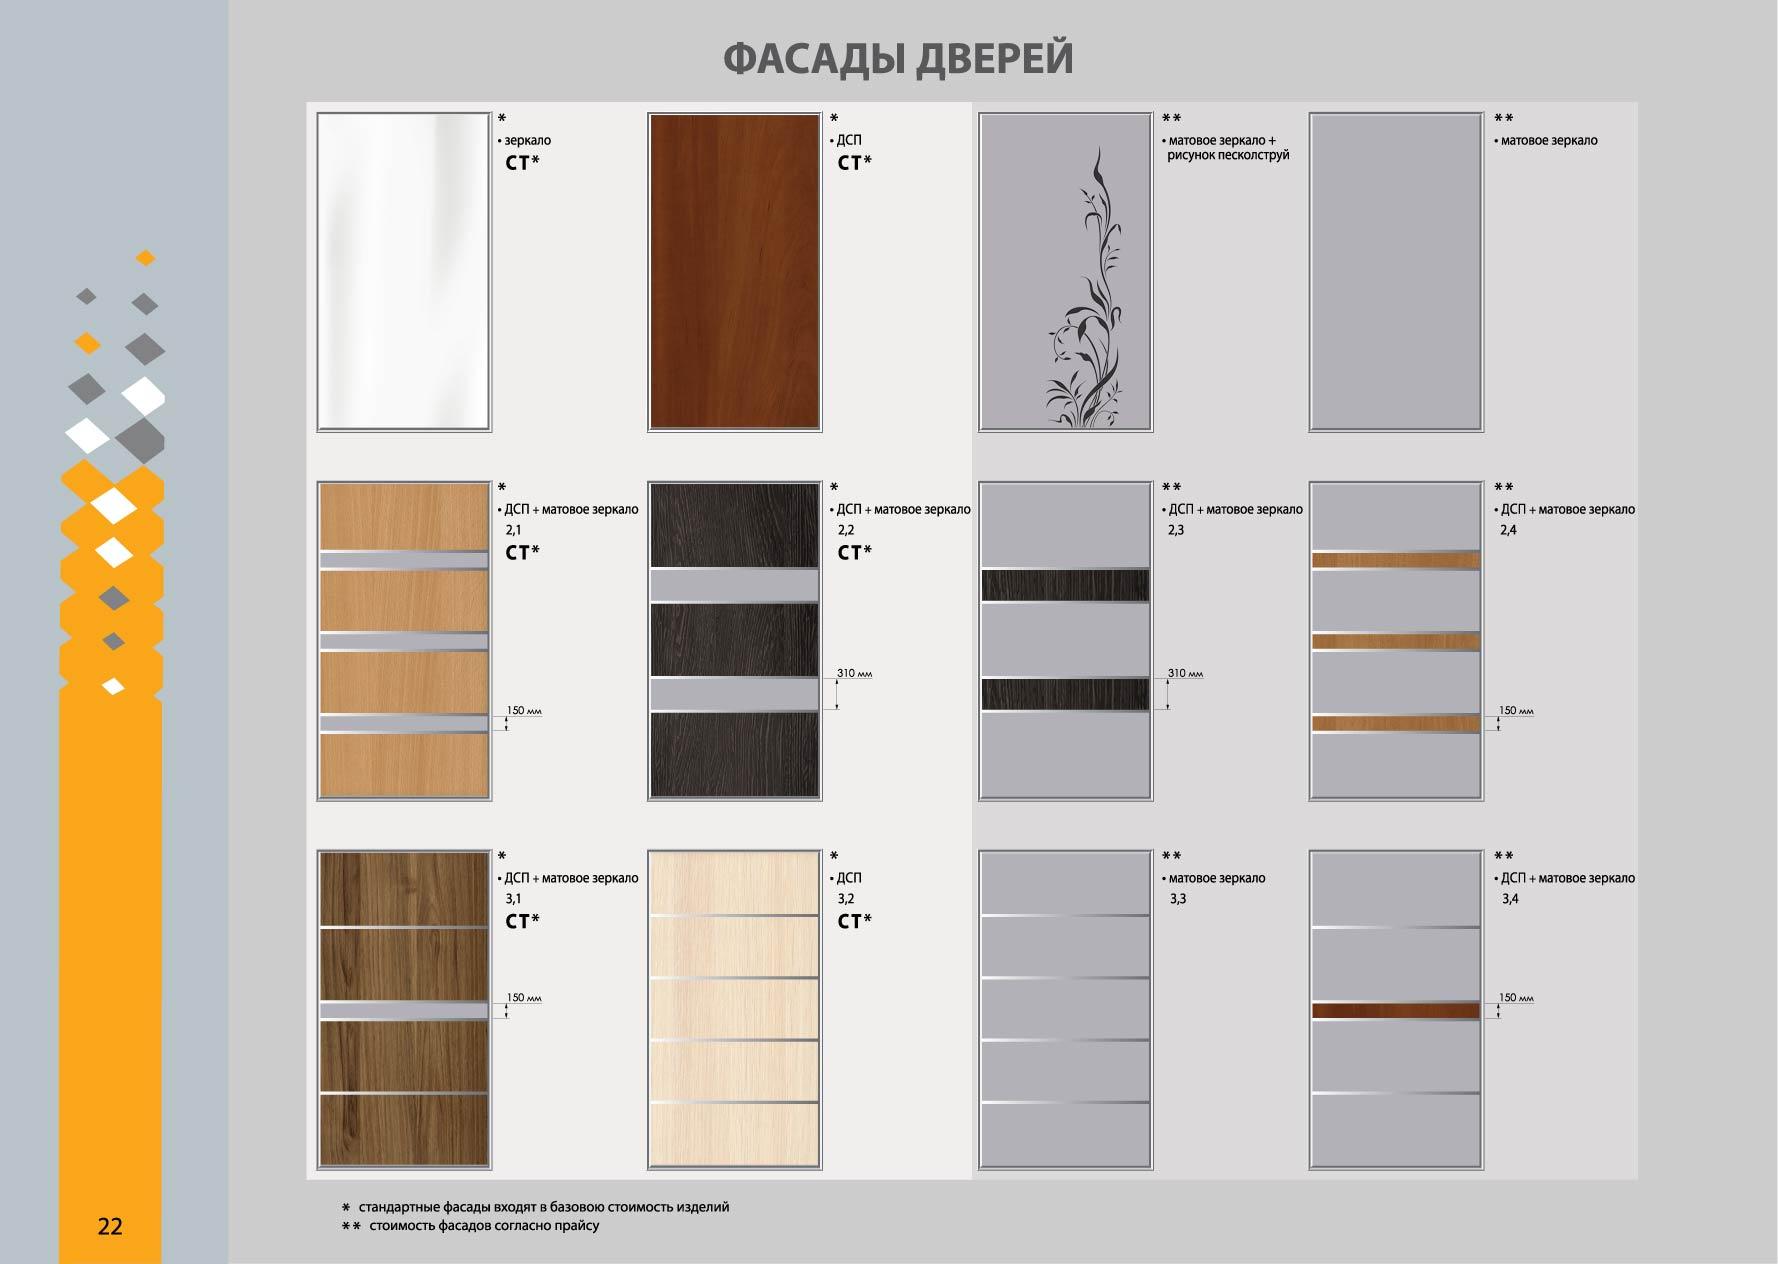 Варианты дизайна фасадов дверей шкафа купе with фасады для 8.